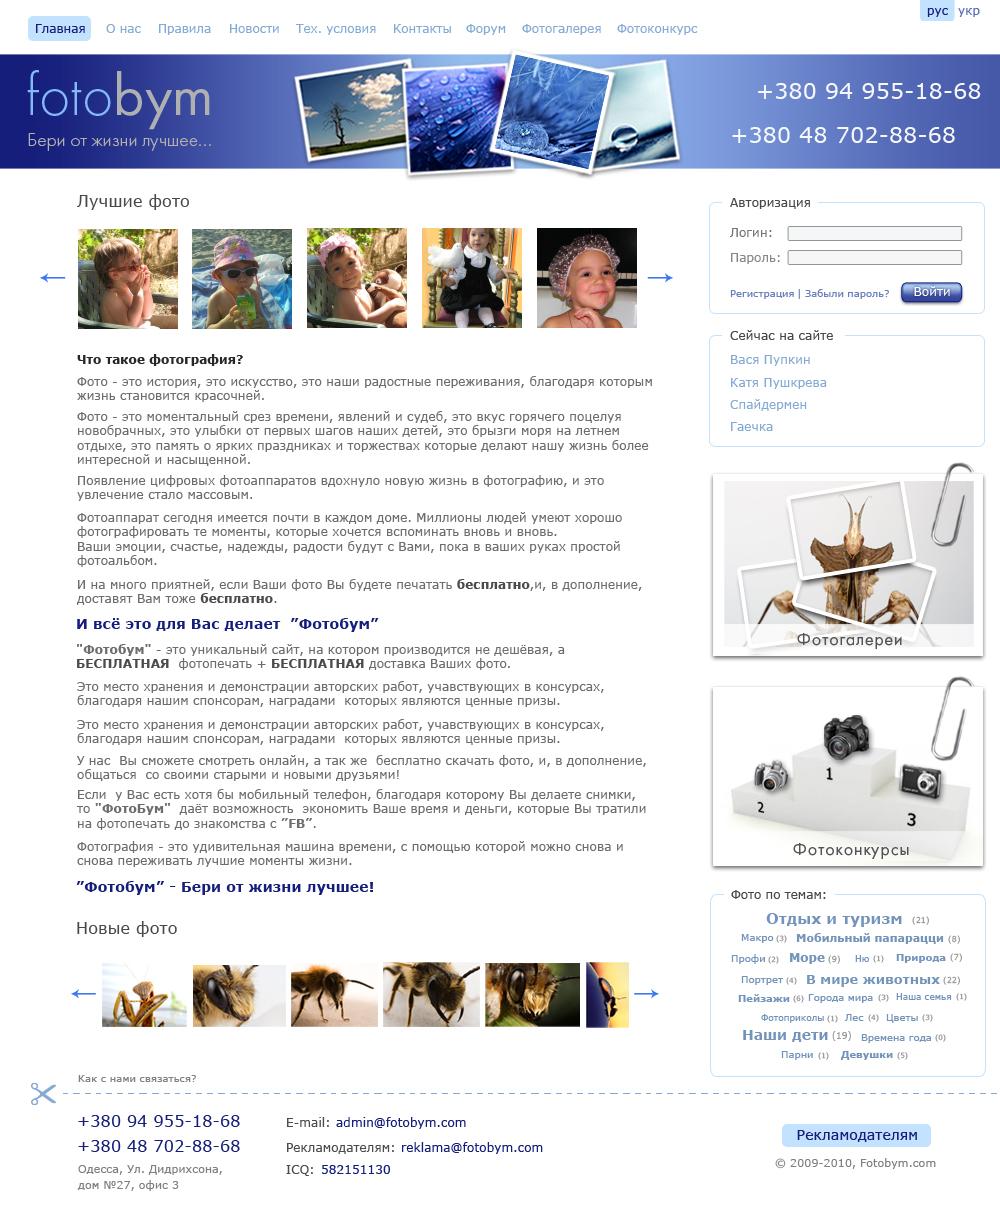 Fotobym.com